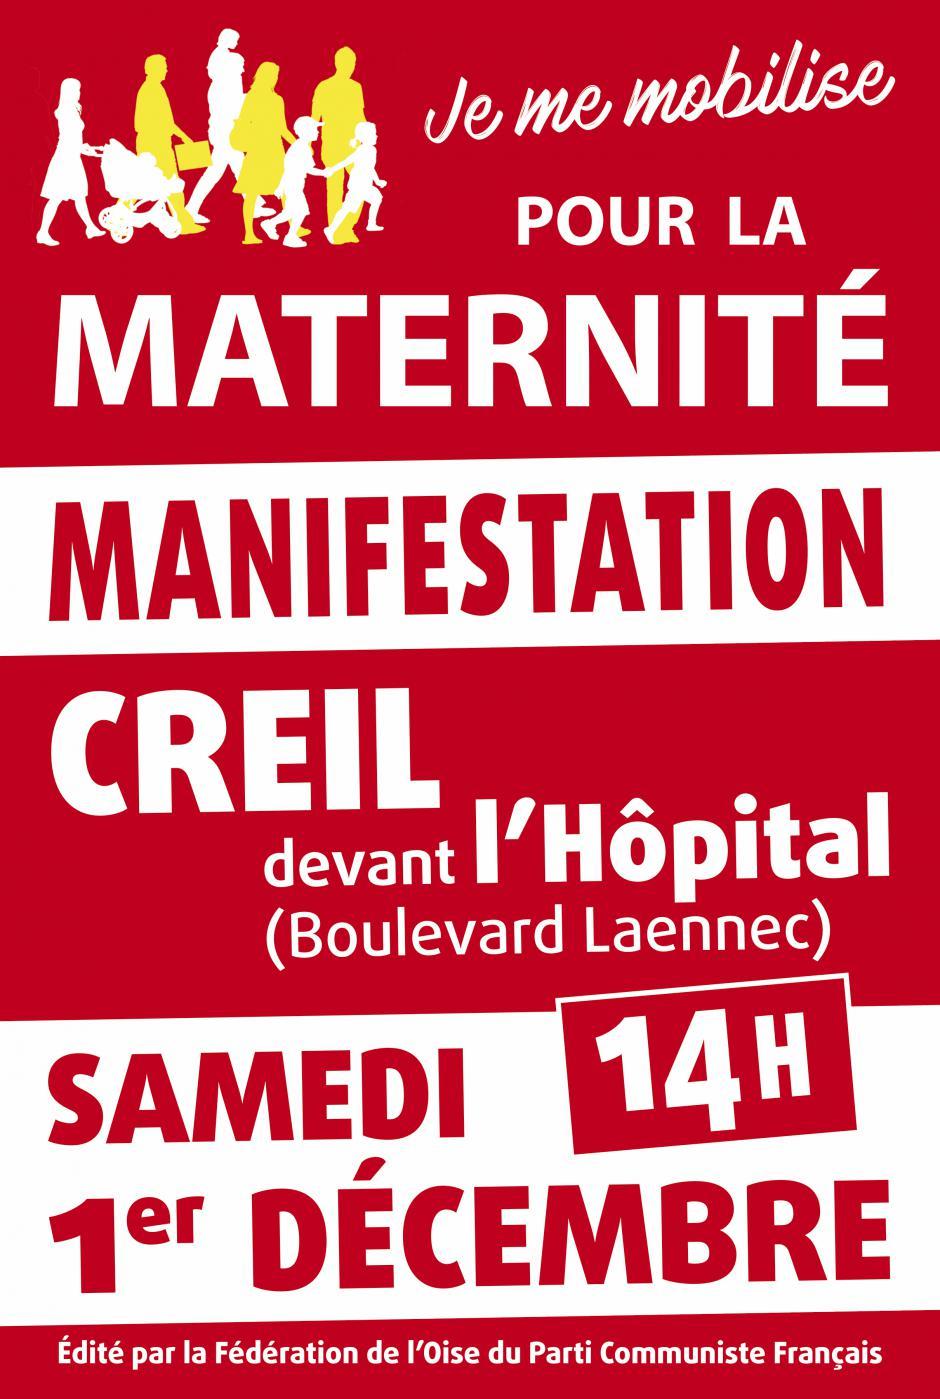 1er décembre, Creil - Manifestation pour le maintien de la maternité